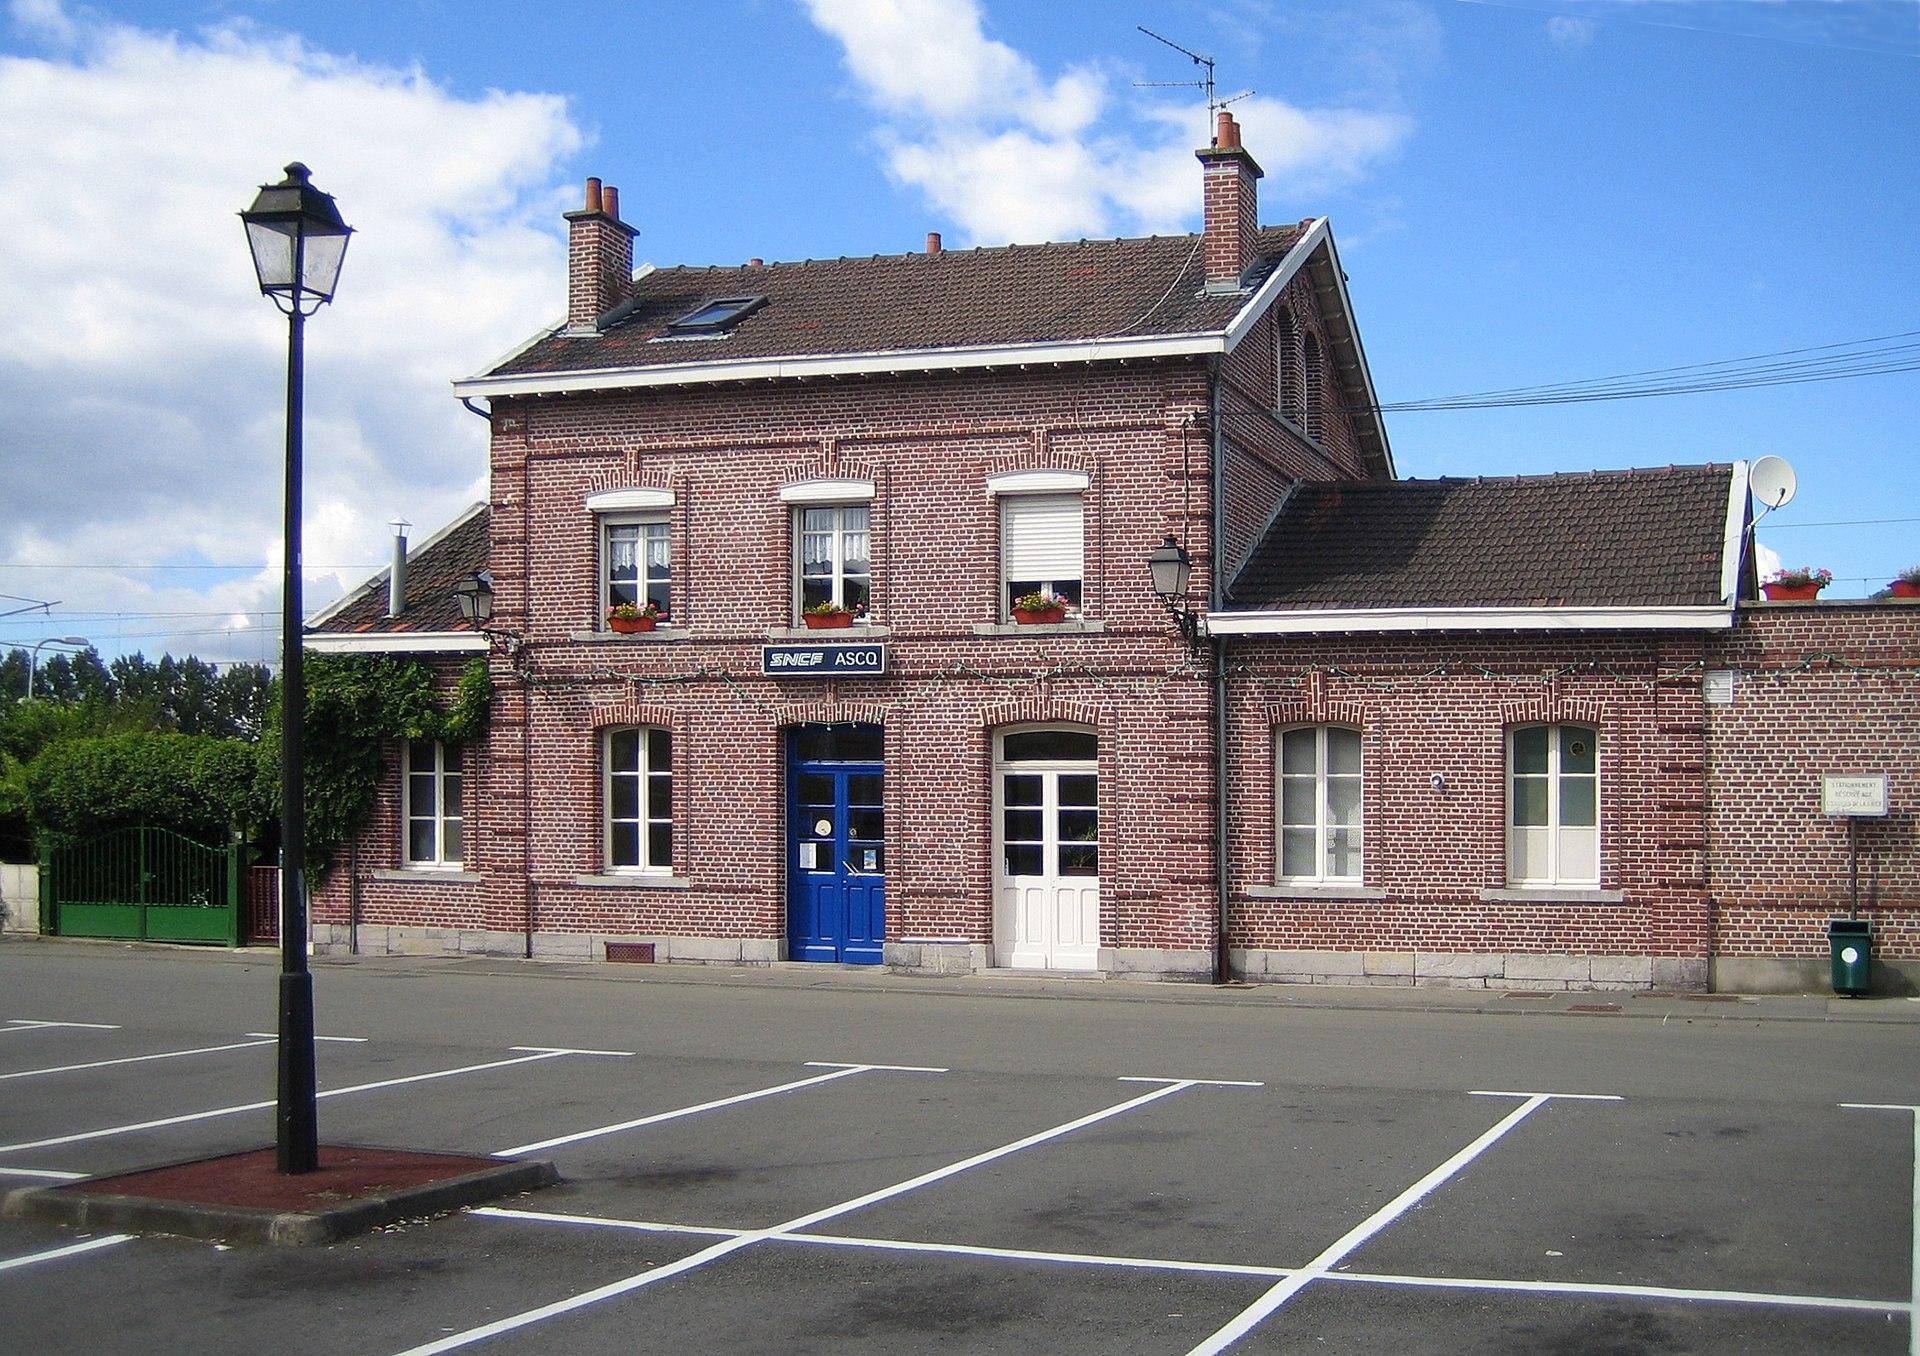 Gare d 39 ascq wikipedia for Garage sian villeneuve d ascq